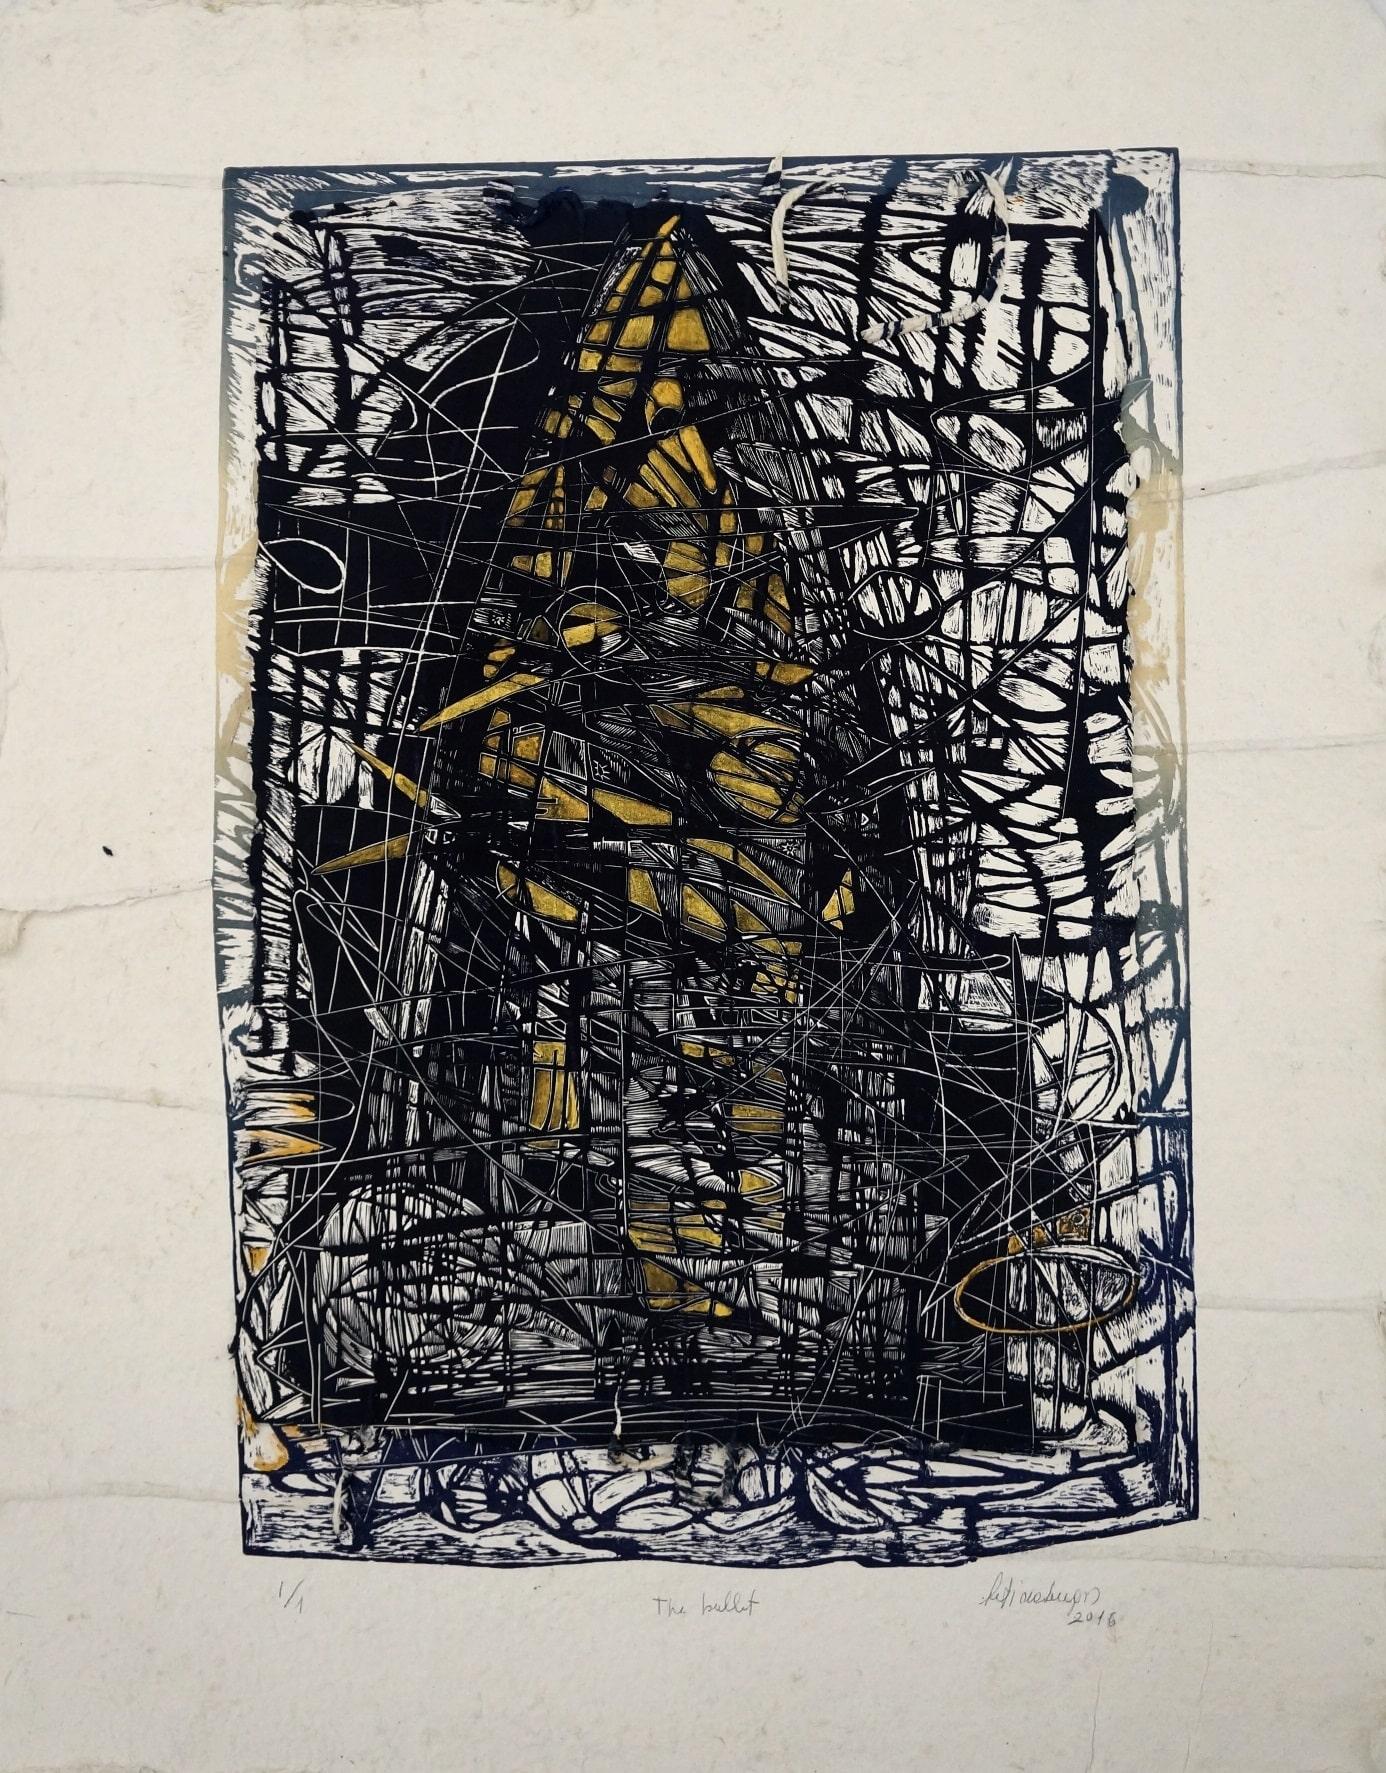 The Bullet 1-1_Xilografia_Carta fatta a mano, pigmenti naturali, doppia stampa_cm95,5x74_sd